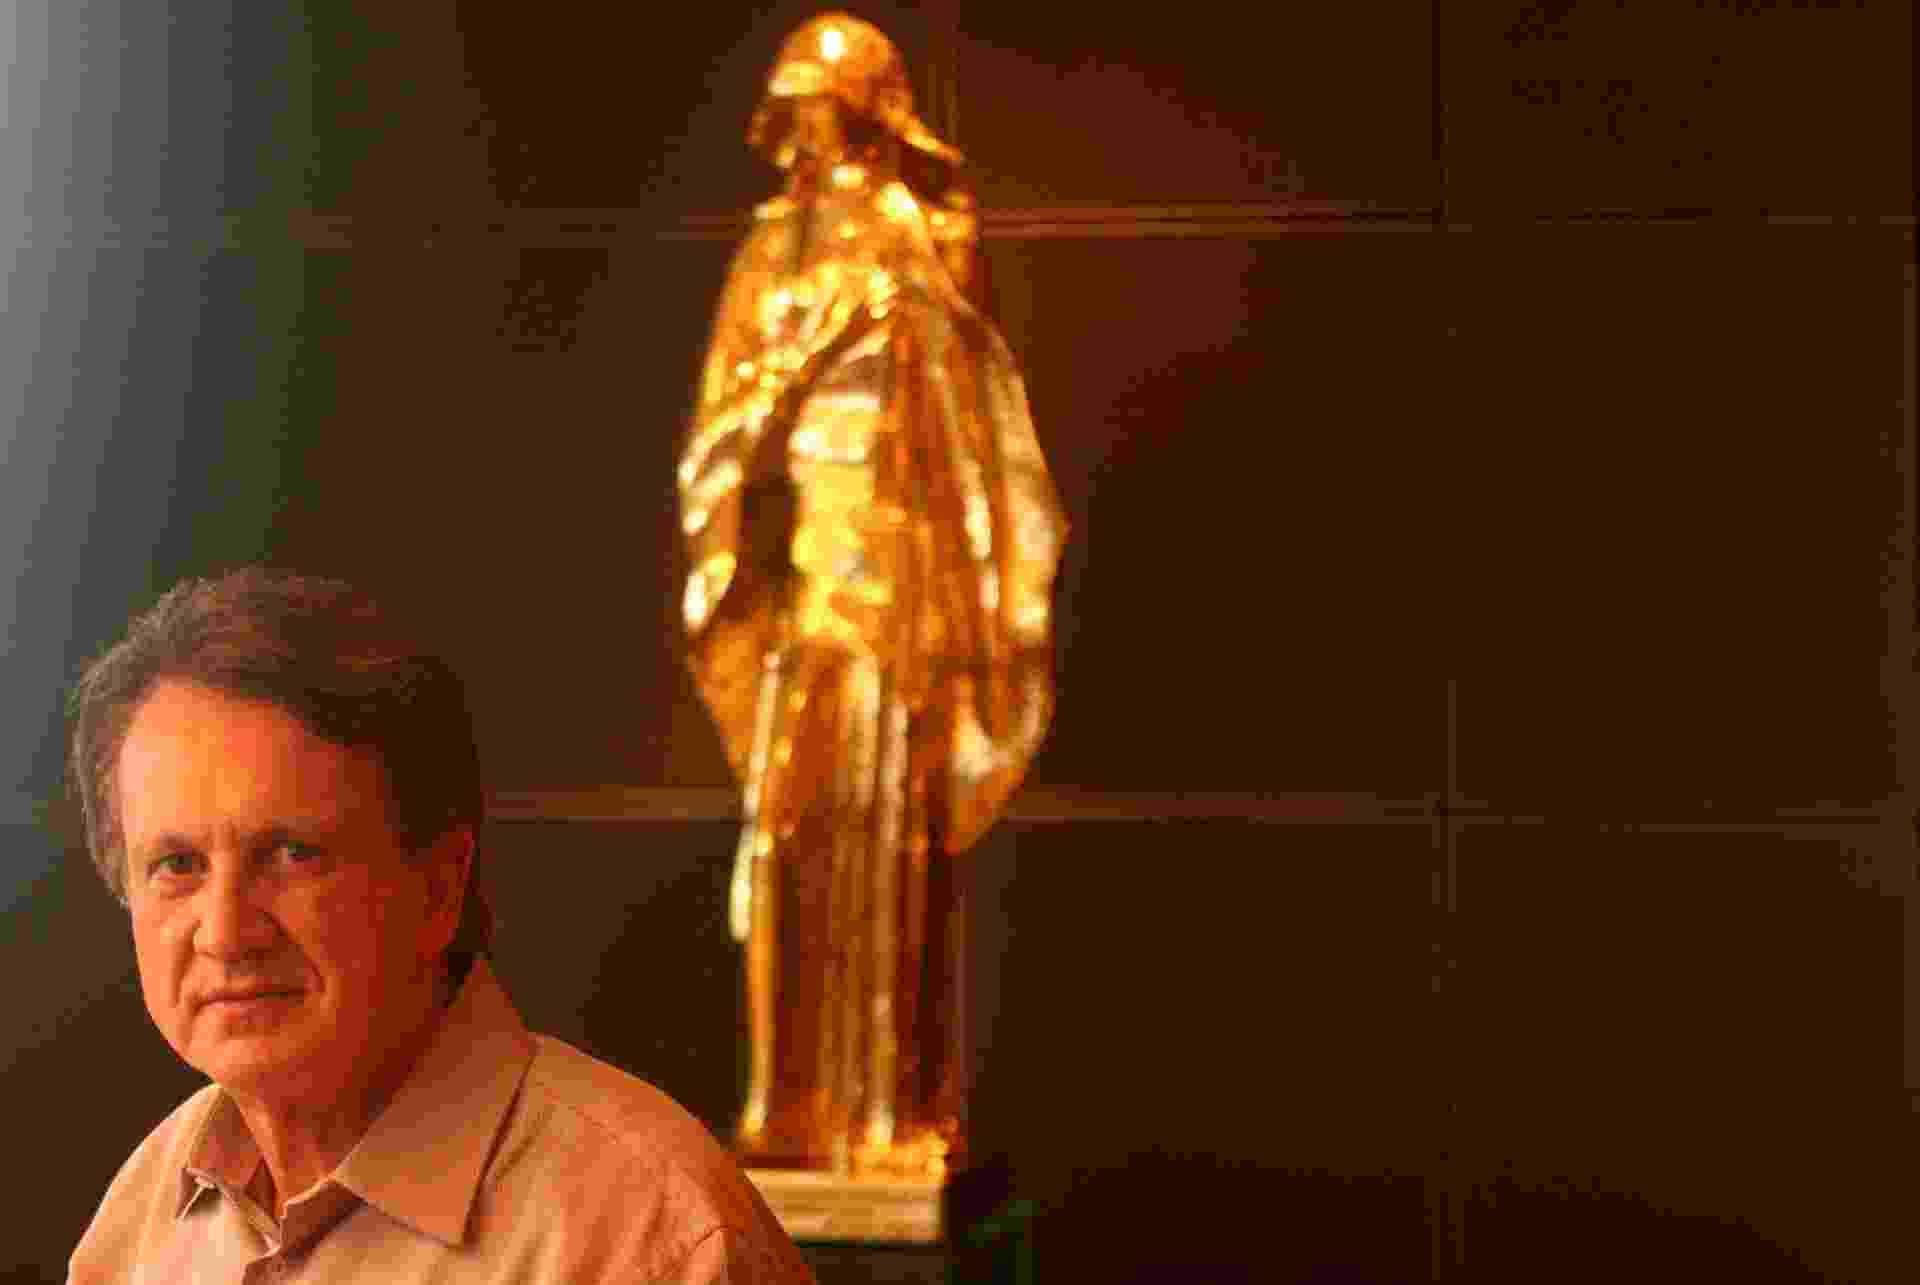 Edson de Godoy Bueno, vice-presidente do grupo AMIL, no seu escritório, na Barra da Tijuca, Rio de Janeiro (RJ). (Rio de Janeiro (RJ), 02.10.2006 - Ricardo Moraes/Folhapress